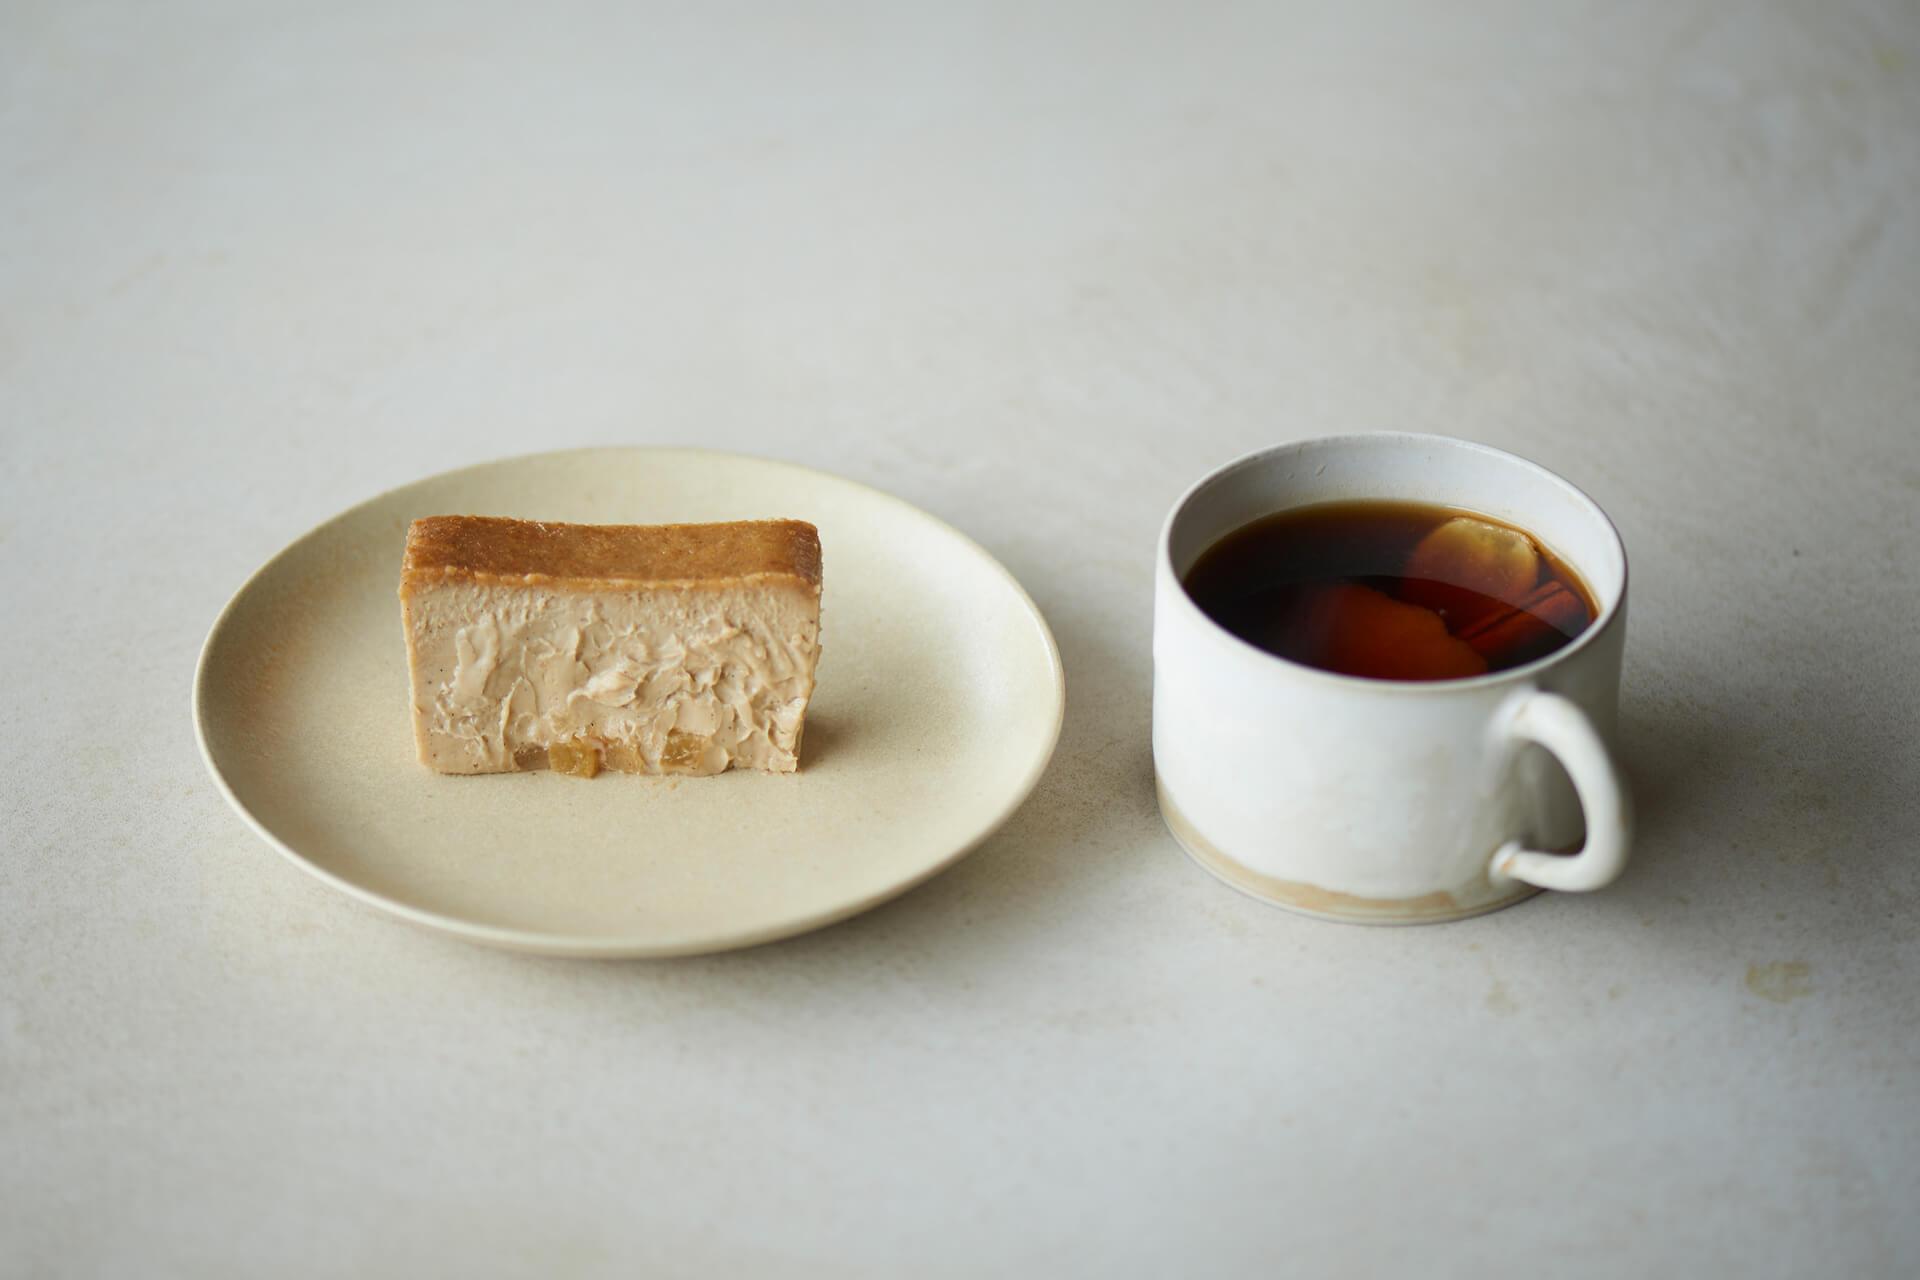 即完売で話題のMr. CHEESECAKEからバレンタイン限定チーズケーキが発売決定!フランス菓子「ノワゼットシトロン」風味 gourmet21113_mrcheesecake_valentine_5